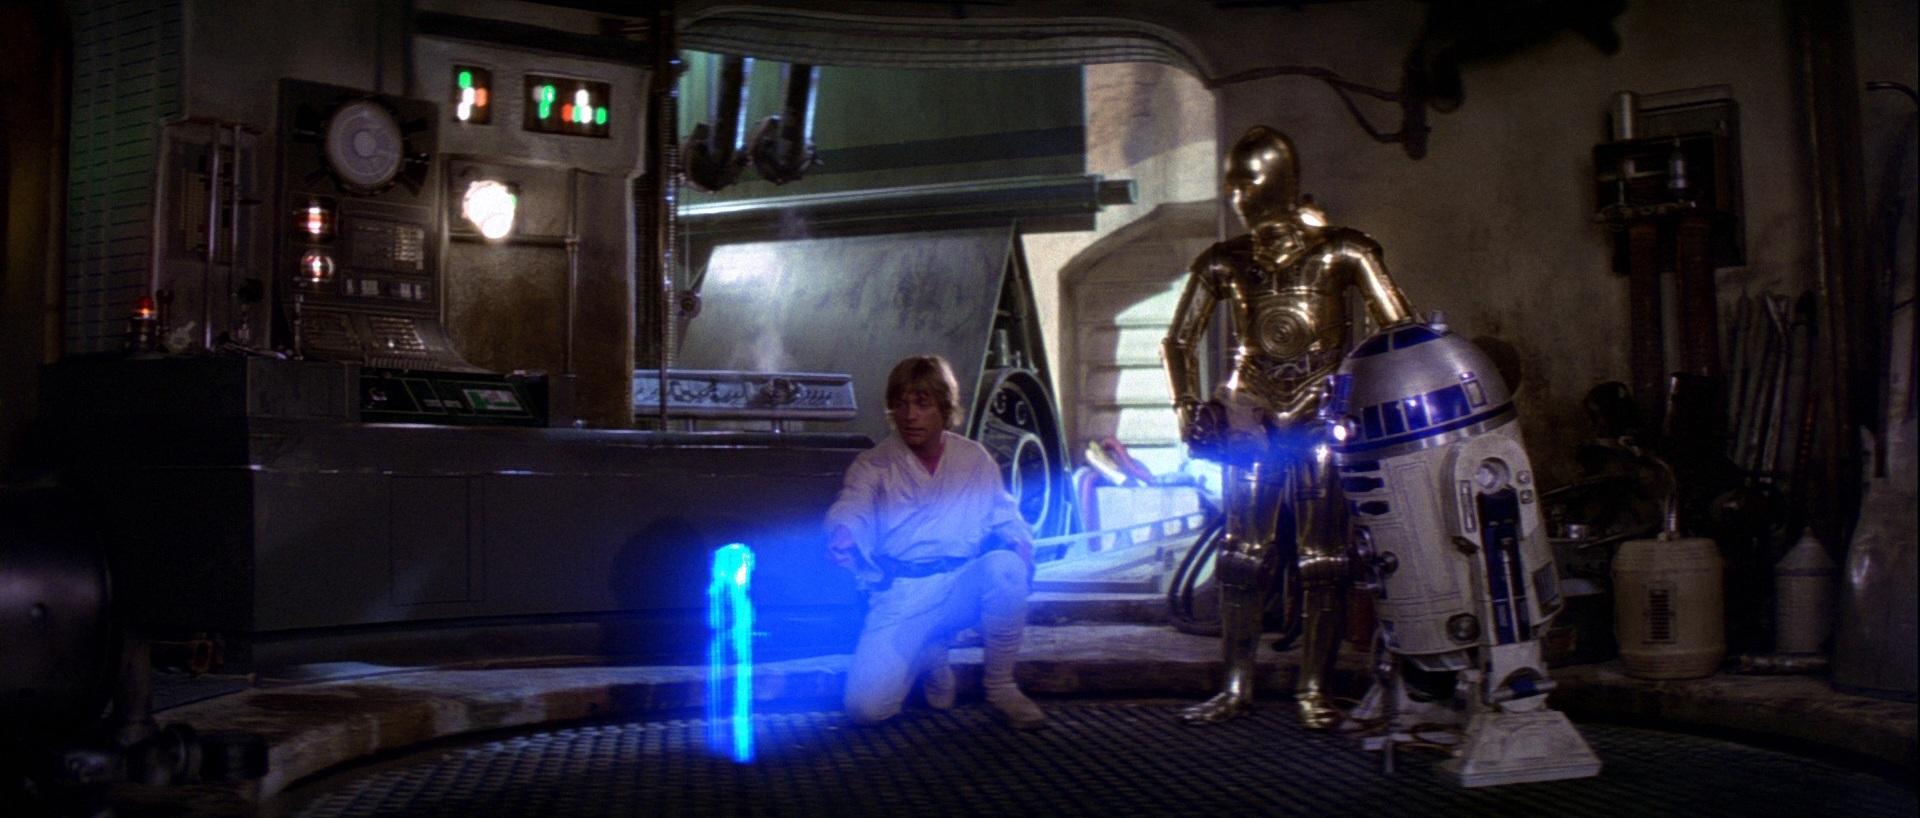 R2-D2 in Episodio IV, Una nuova speranza